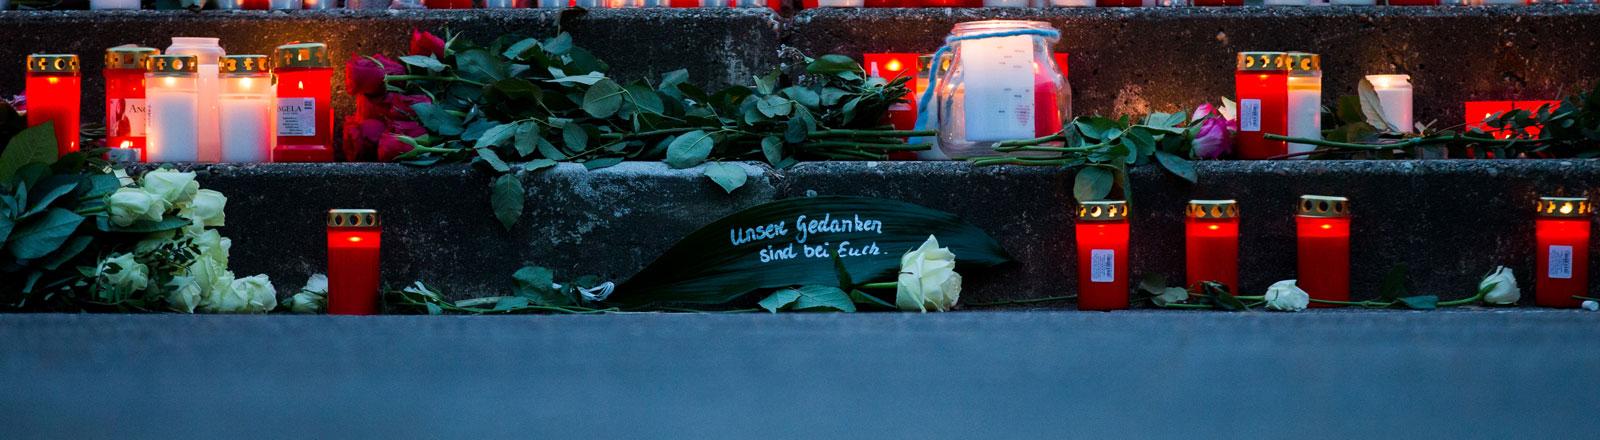 """""""Unsere Gedanken sind bei Euch"""" steht am 24.03.2015 vor dem Joseph-König-Gymnasium in Haltern am See (Nordrhein-Westfalen) vor Kerzen."""